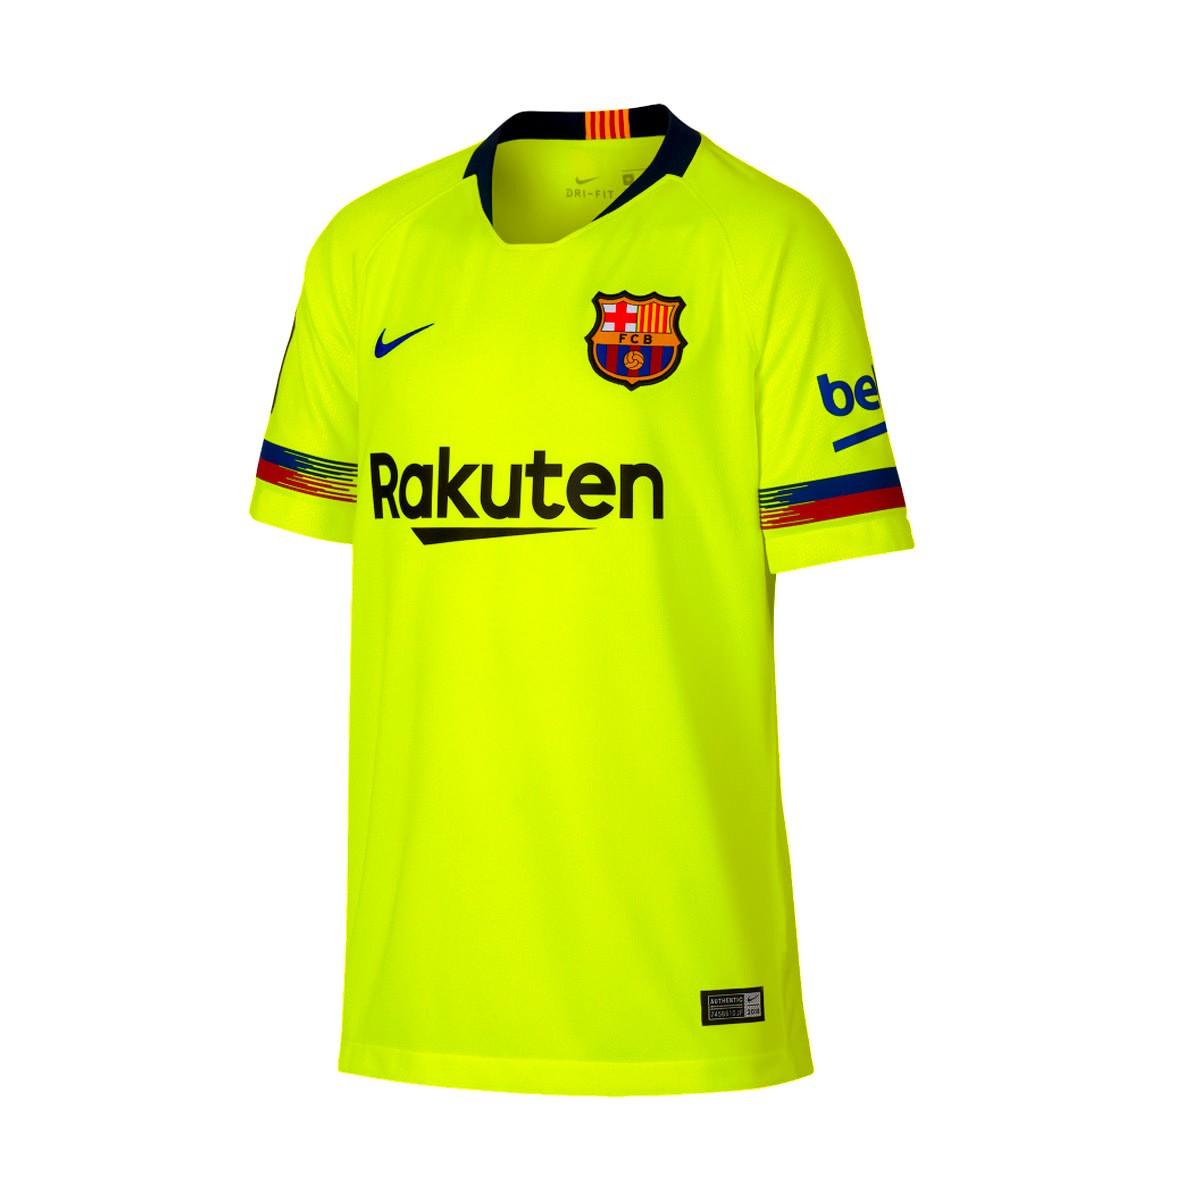 633bc41a86e Camiseta Nike FC Barcelona Stadium Segunda Equipación 2018-2019 Niño  Volt-Deep royal blue - Tienda de fútbol Fútbol Emotion